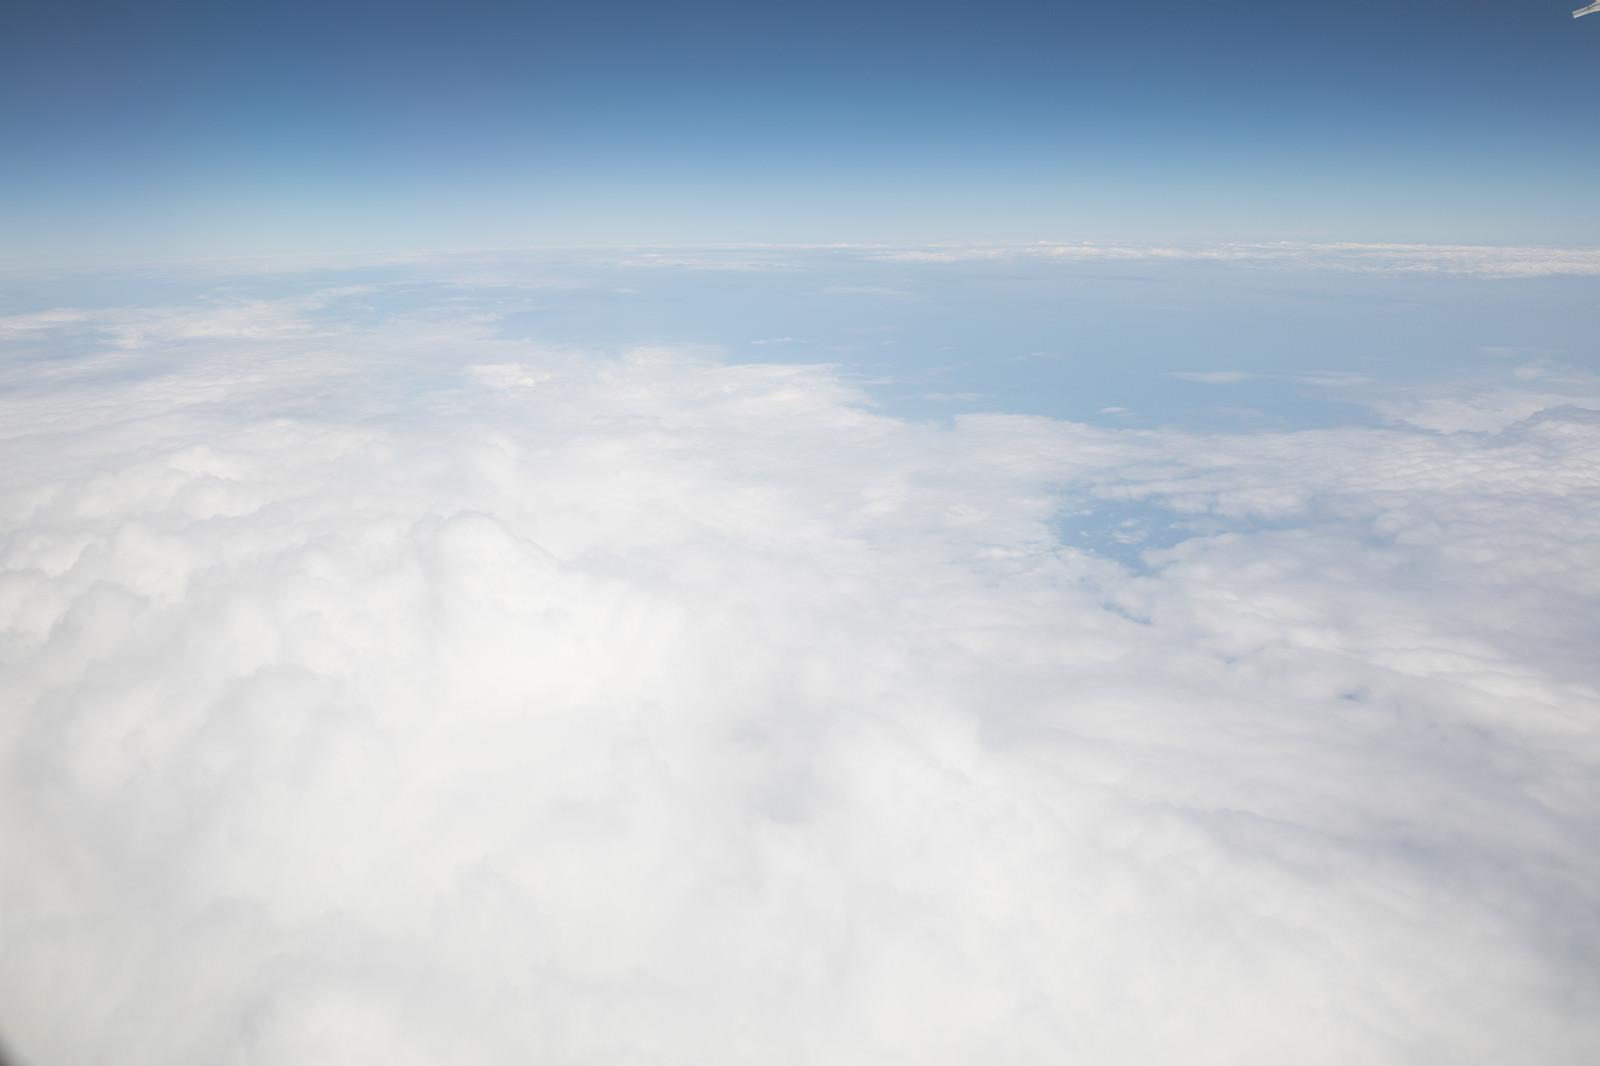 「上空の空(雲海)上空の空(雲海)」のフリー写真素材を拡大